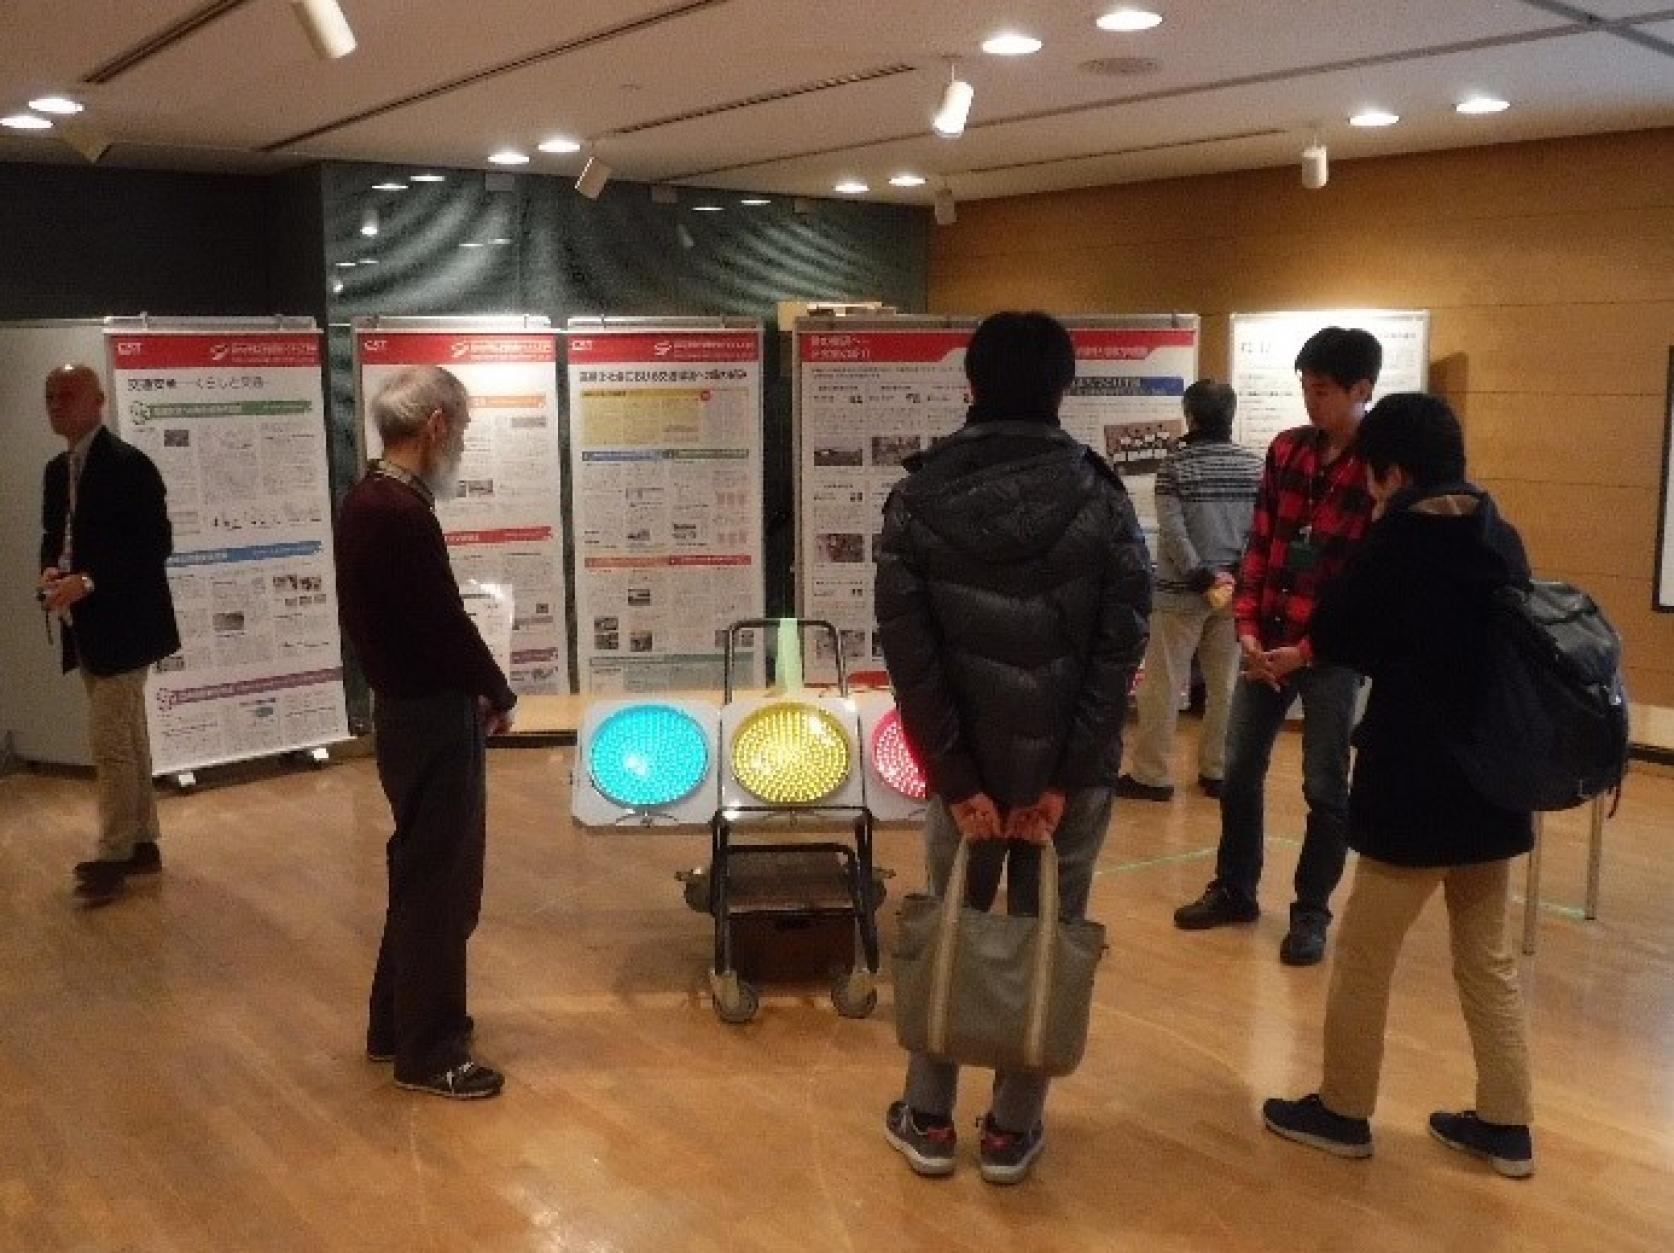 【開催報告】第34回日本大学理工学部図書館公開講座が終了しました